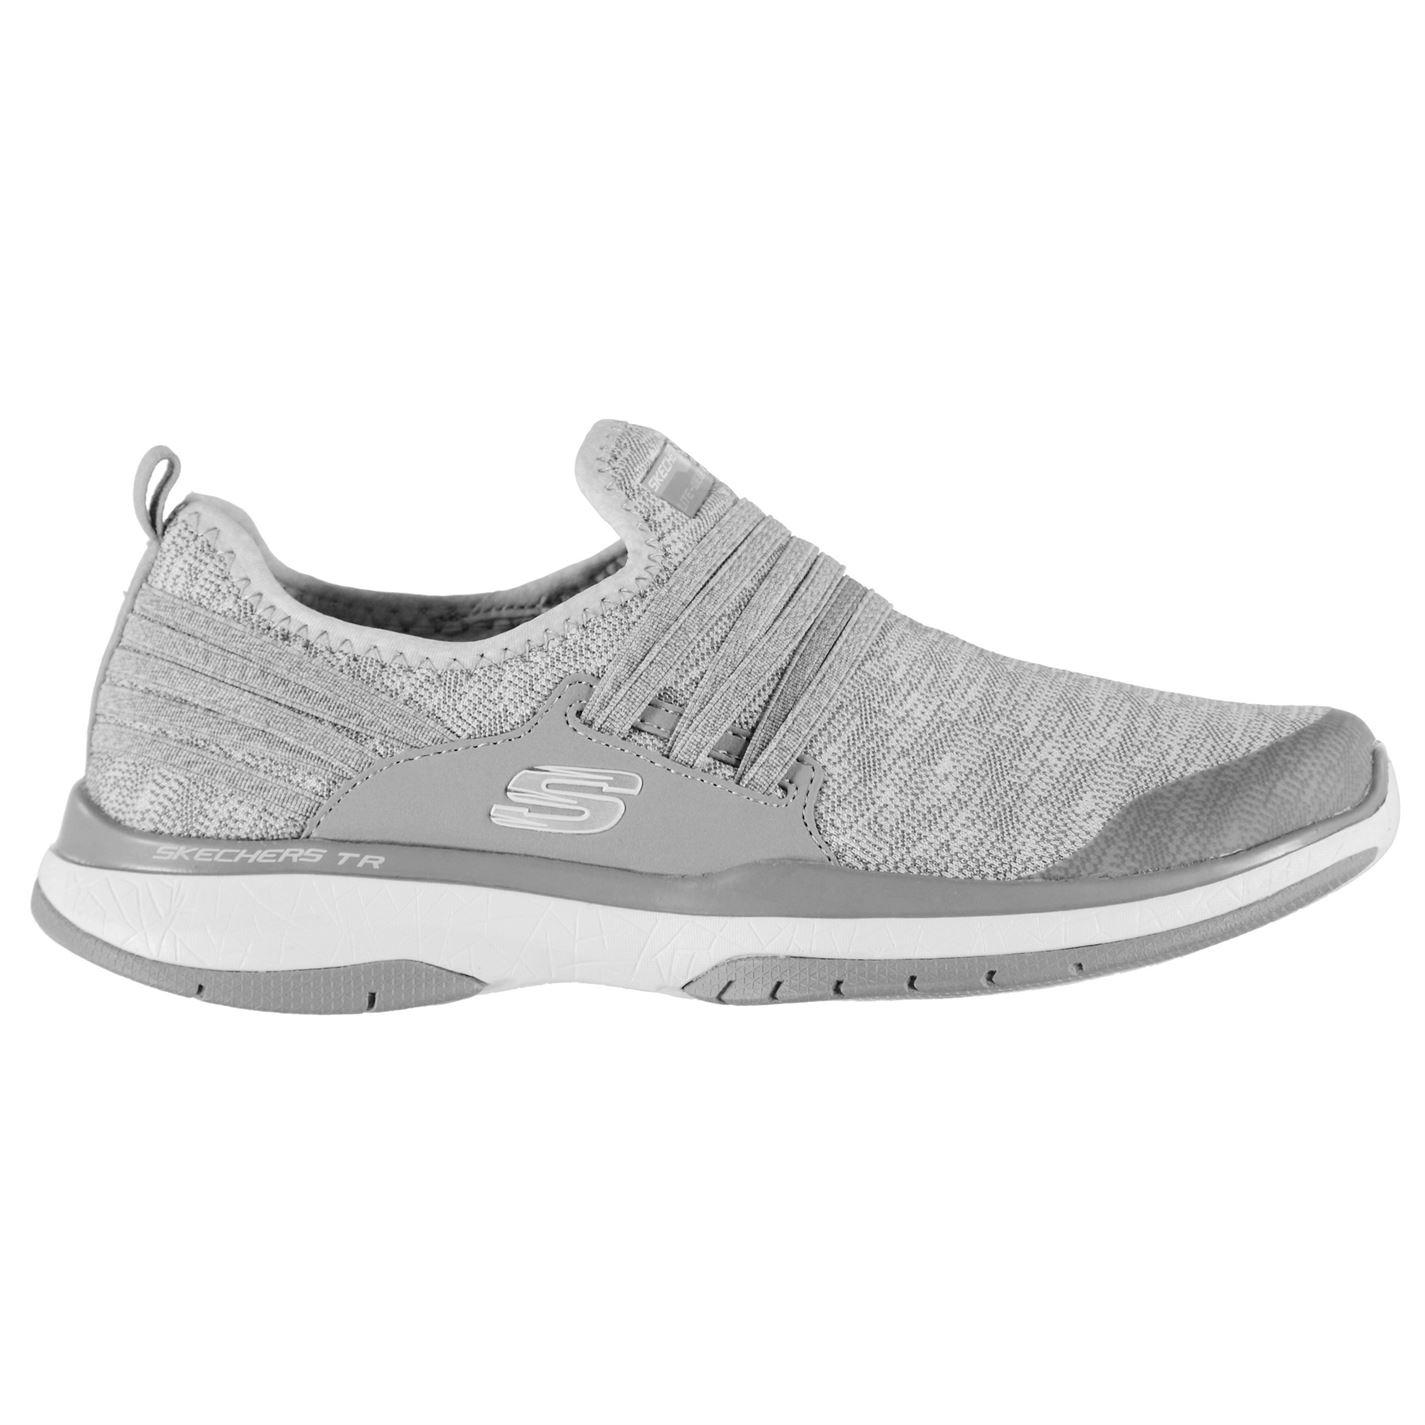 e13b637c7f4 Дамски маратонки Skechers Burst Trainers Ladies - Grey с цена от лв -  Sravni.bg